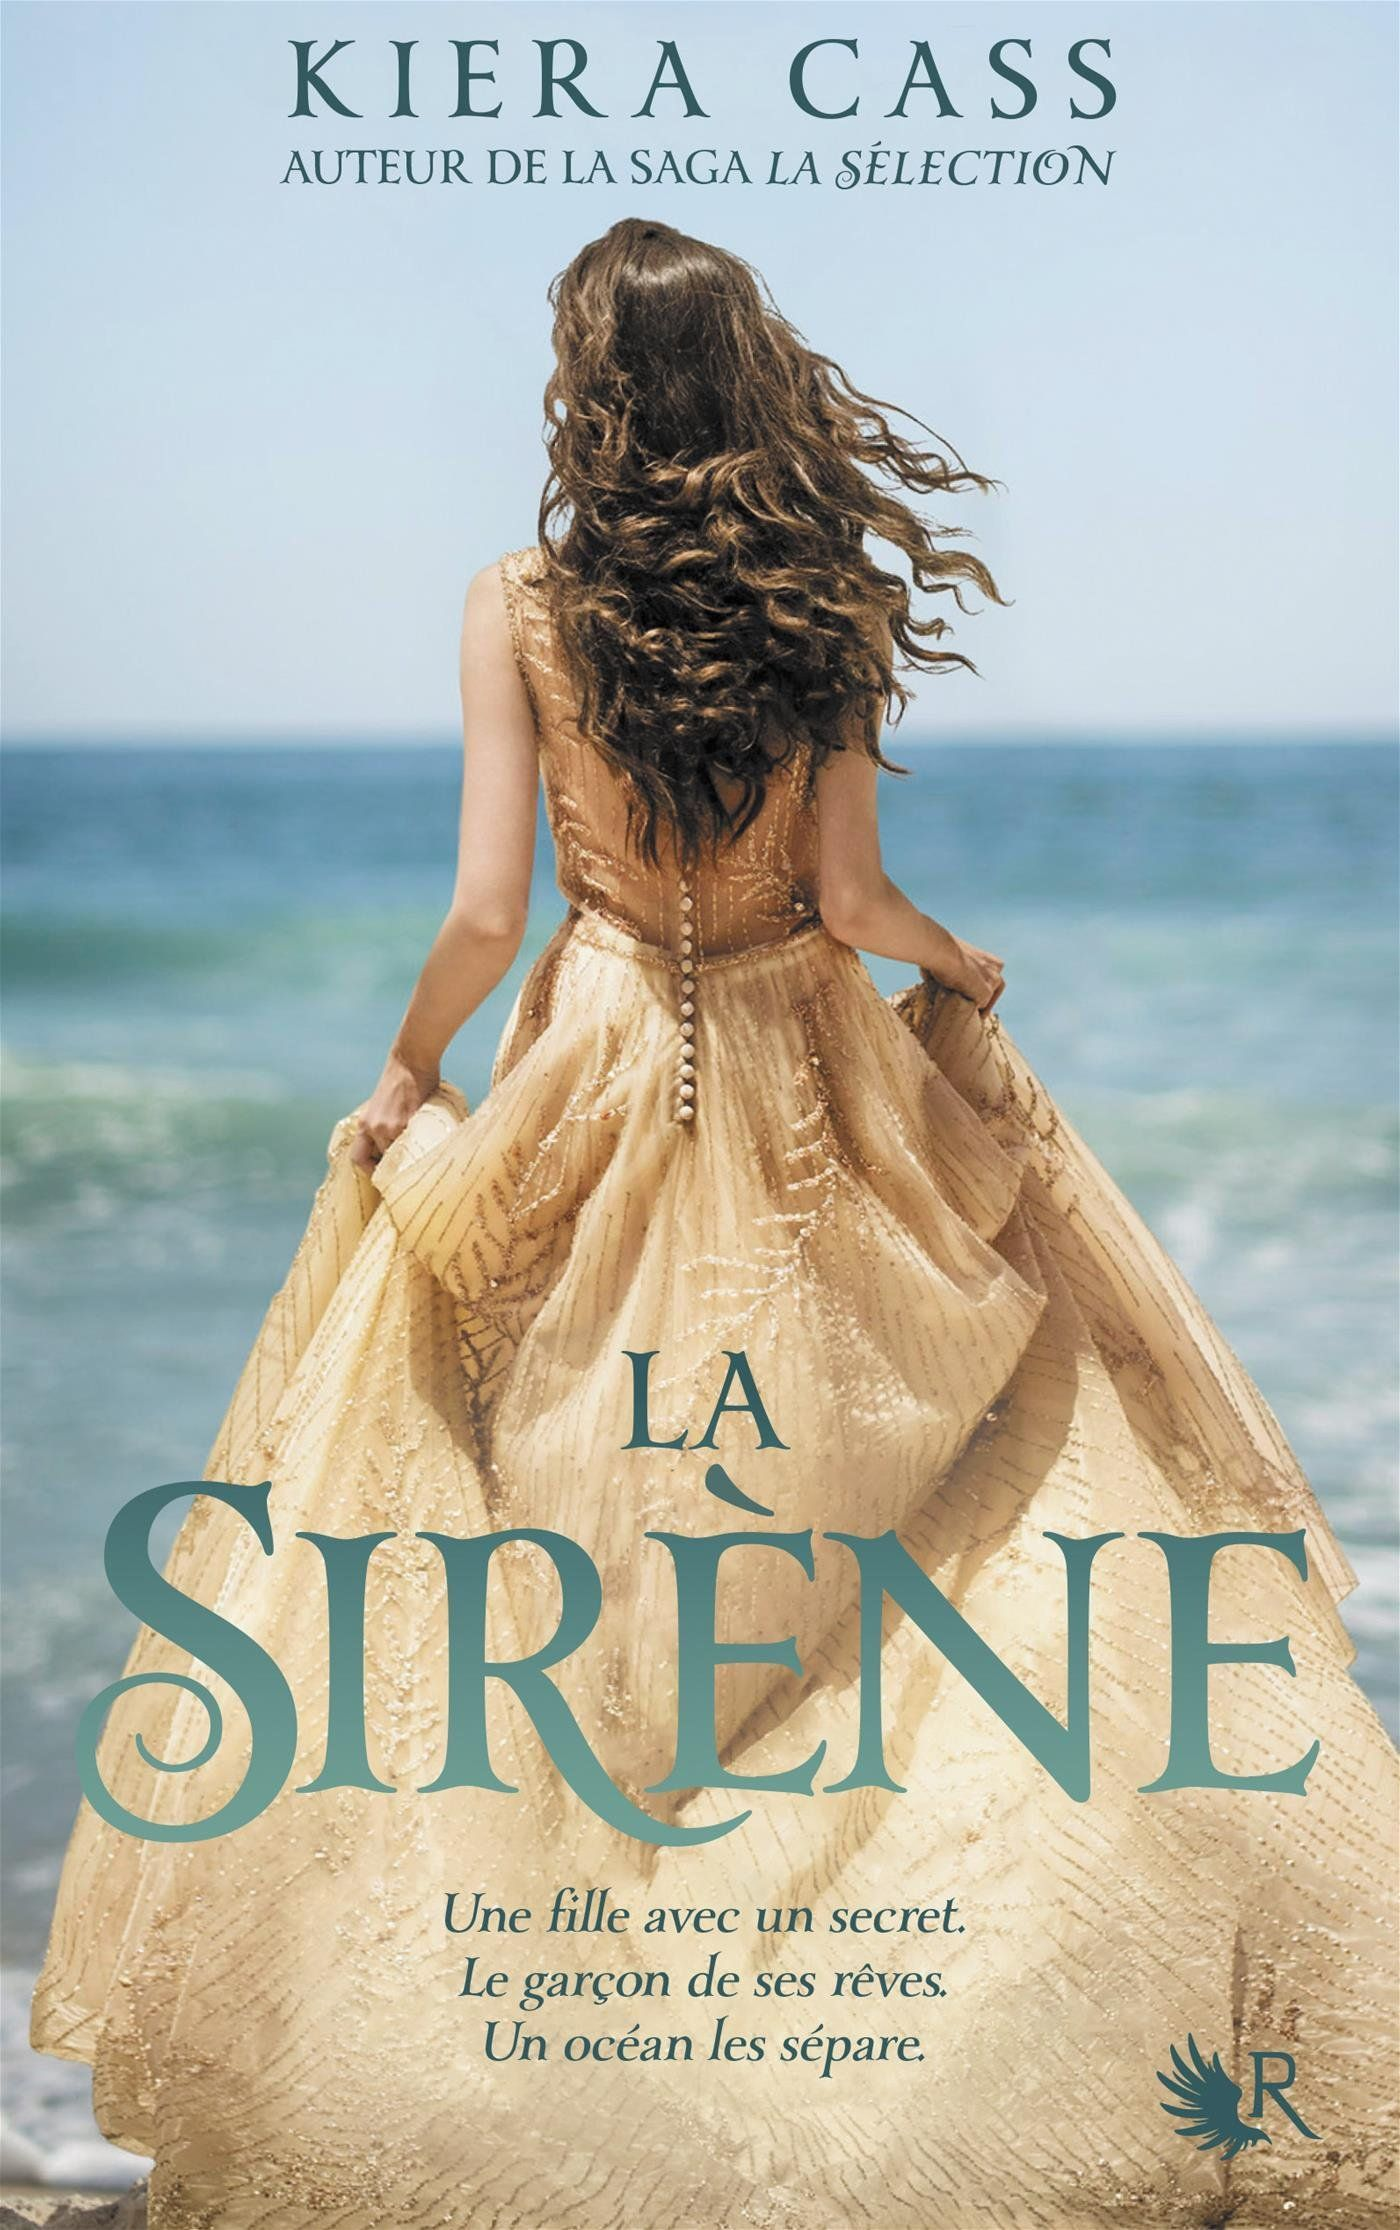 La sirène, de Kiera Cass – Livre [critique]